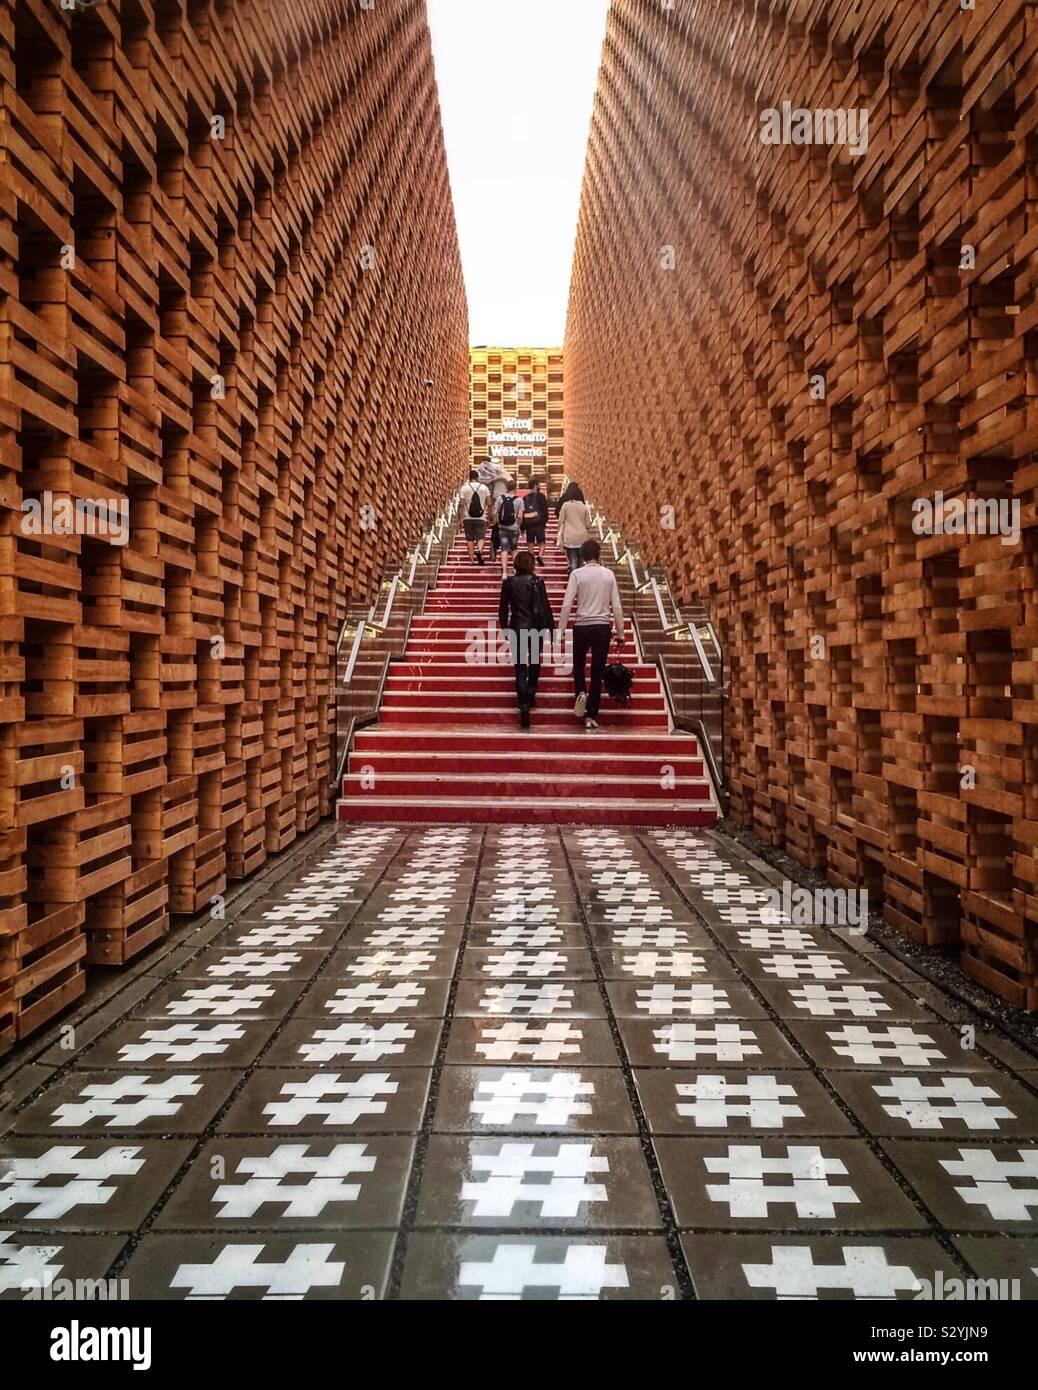 Les gens à monter un escalier entre des murs de brique et un hashtag-de-chaussée à thème Banque D'Images